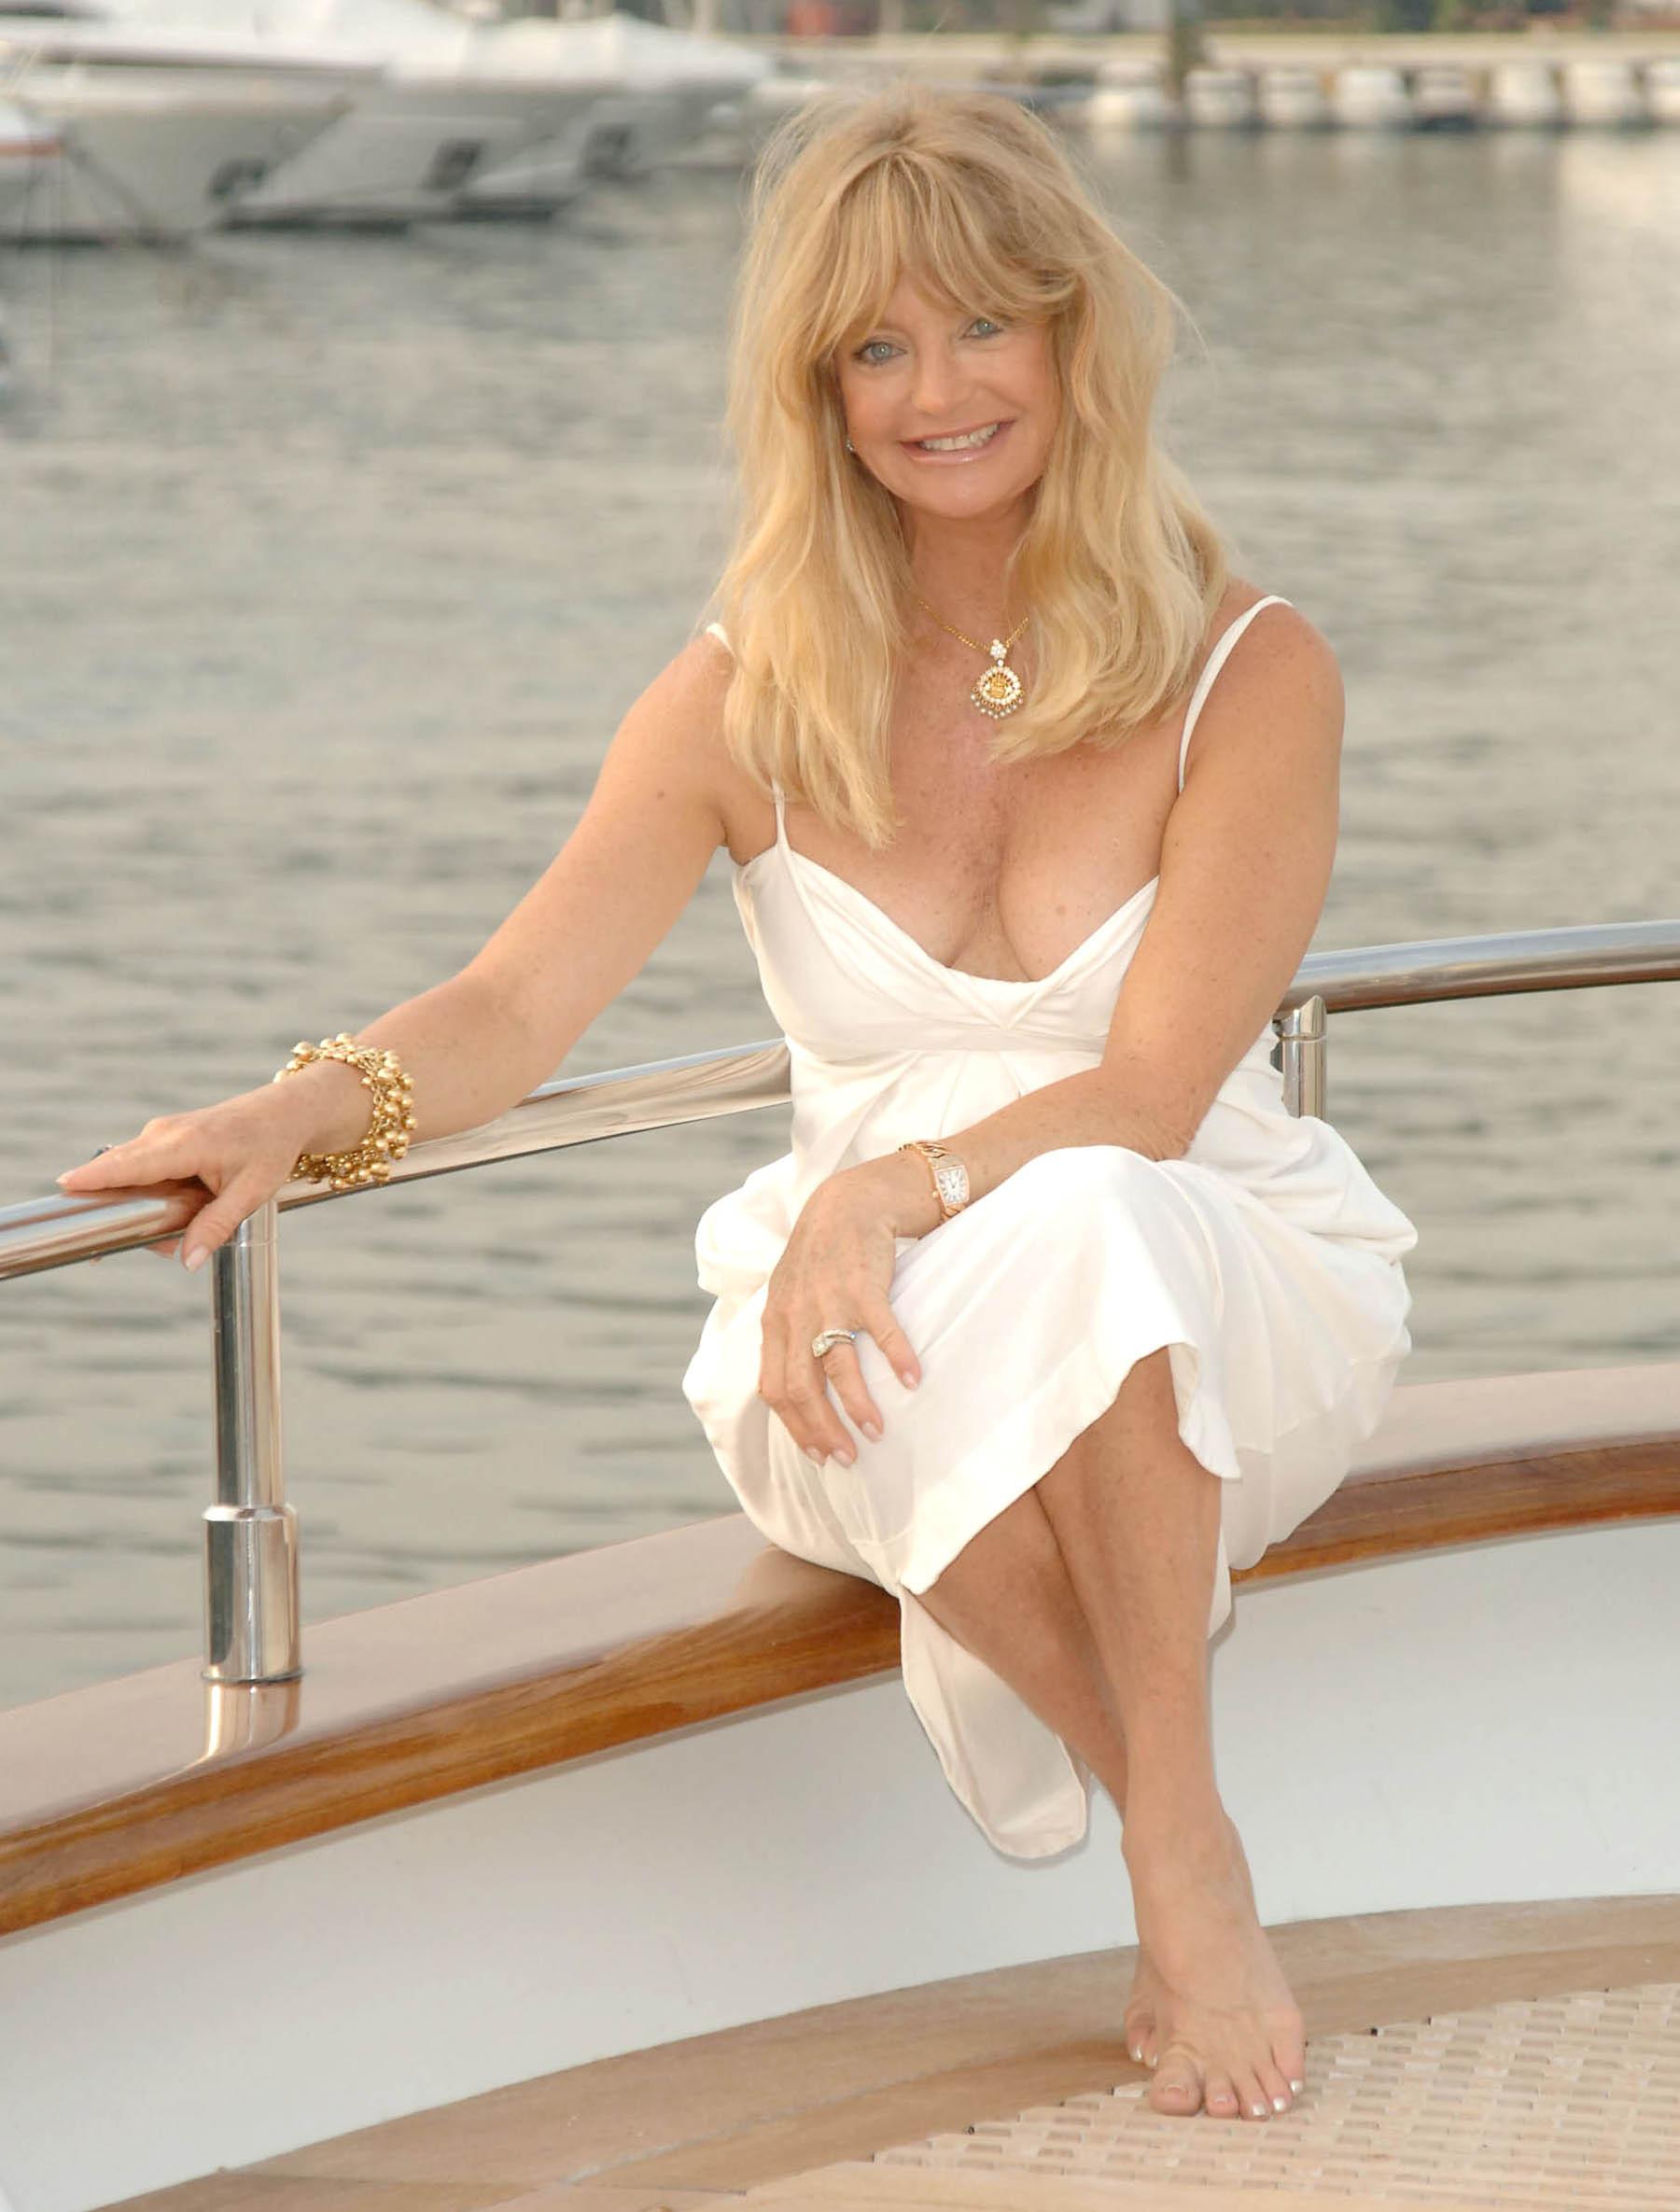 Goldie Hawn - Wikipedia